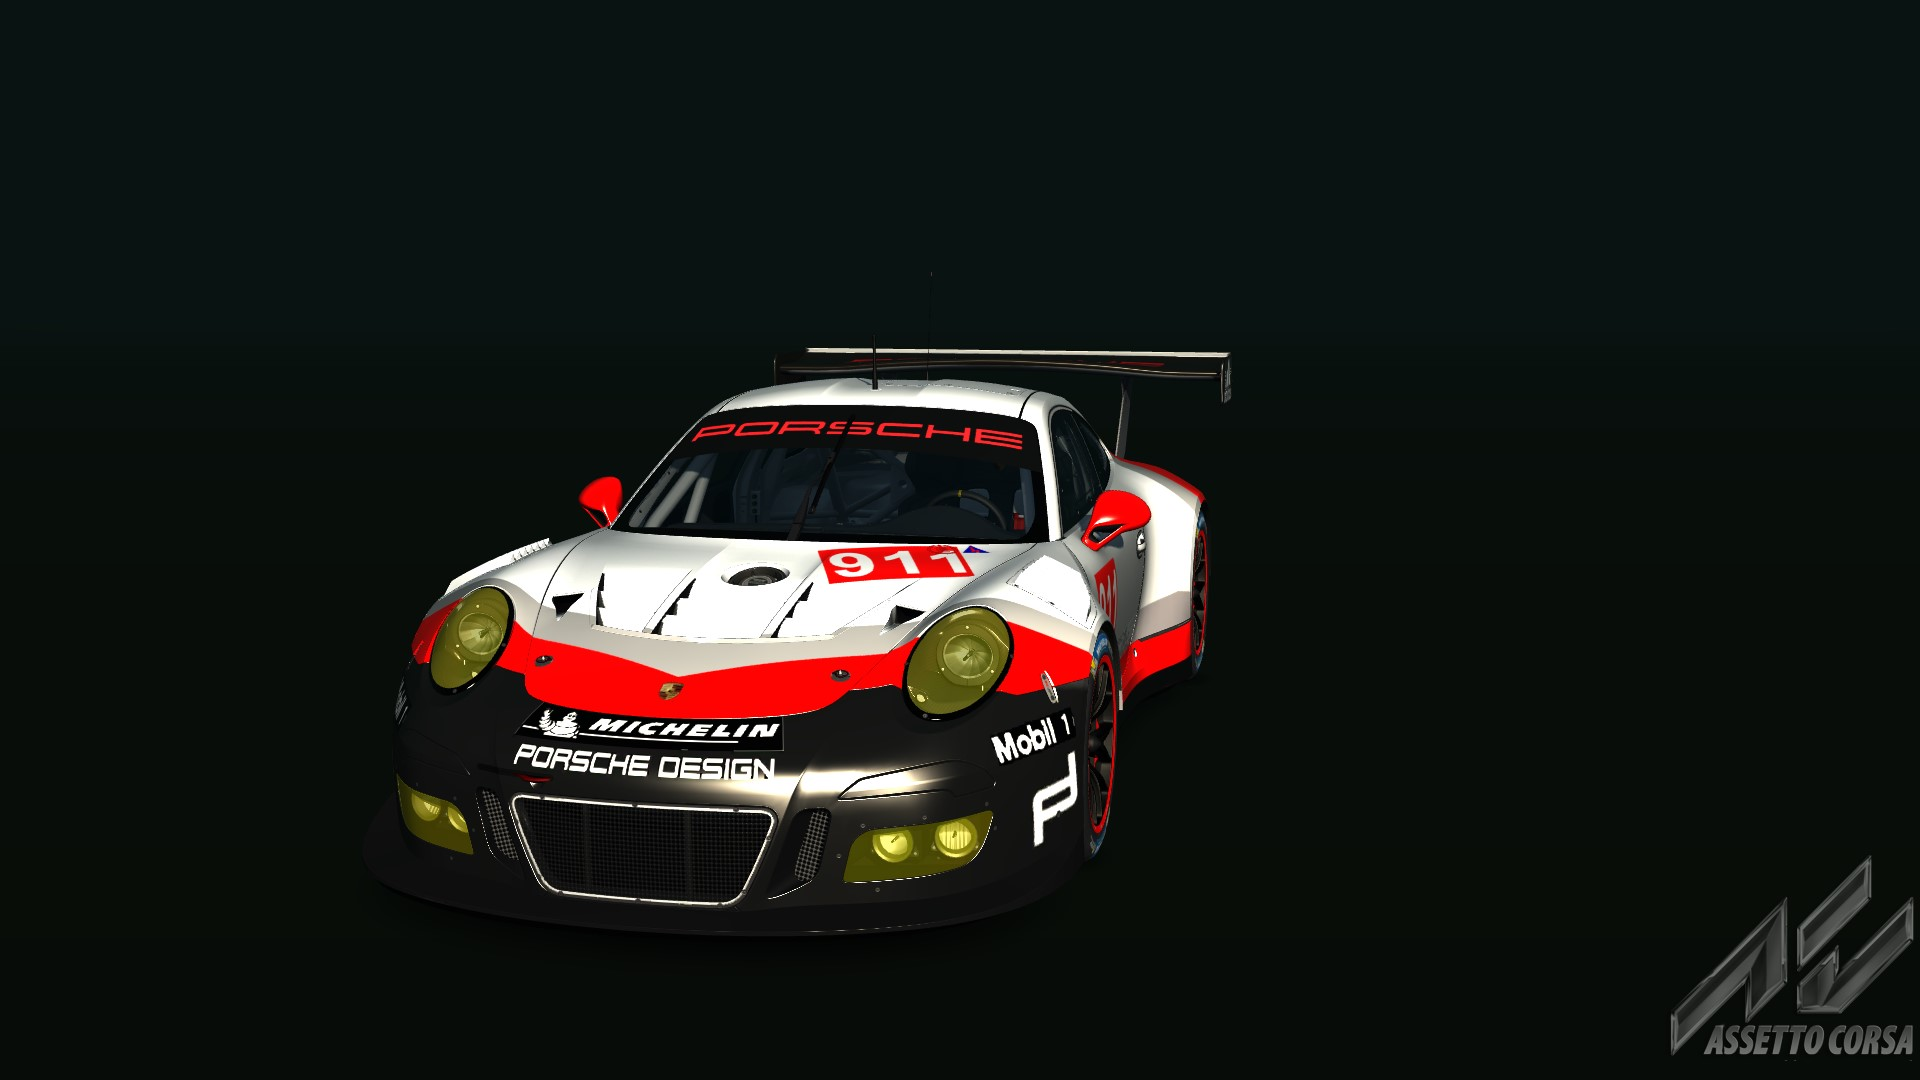 Porsche Rsr Update Yellow Headlights Racedepartment